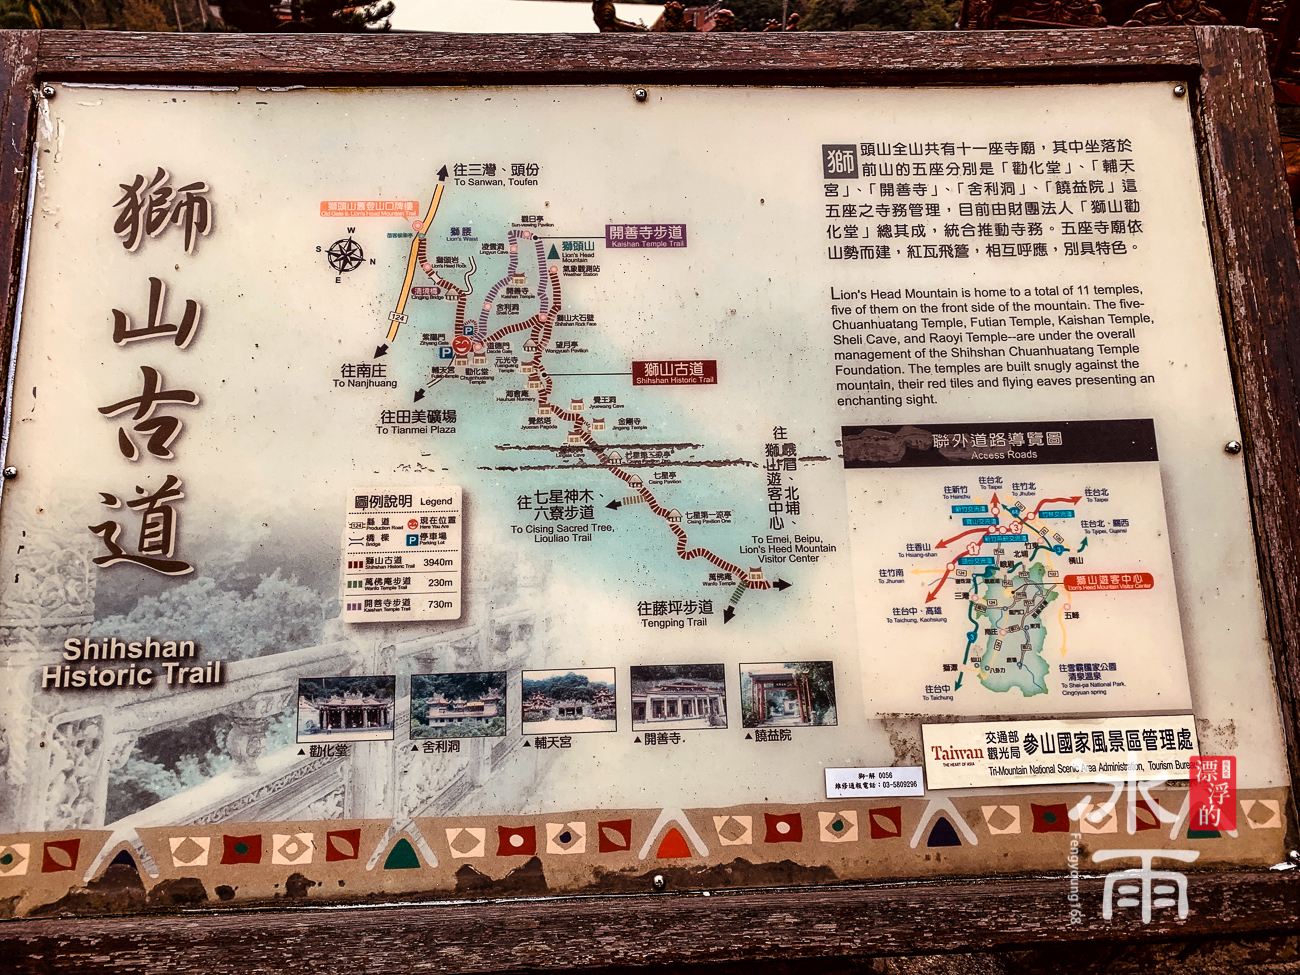 獅山古道|獅頭山風景區|路線圖